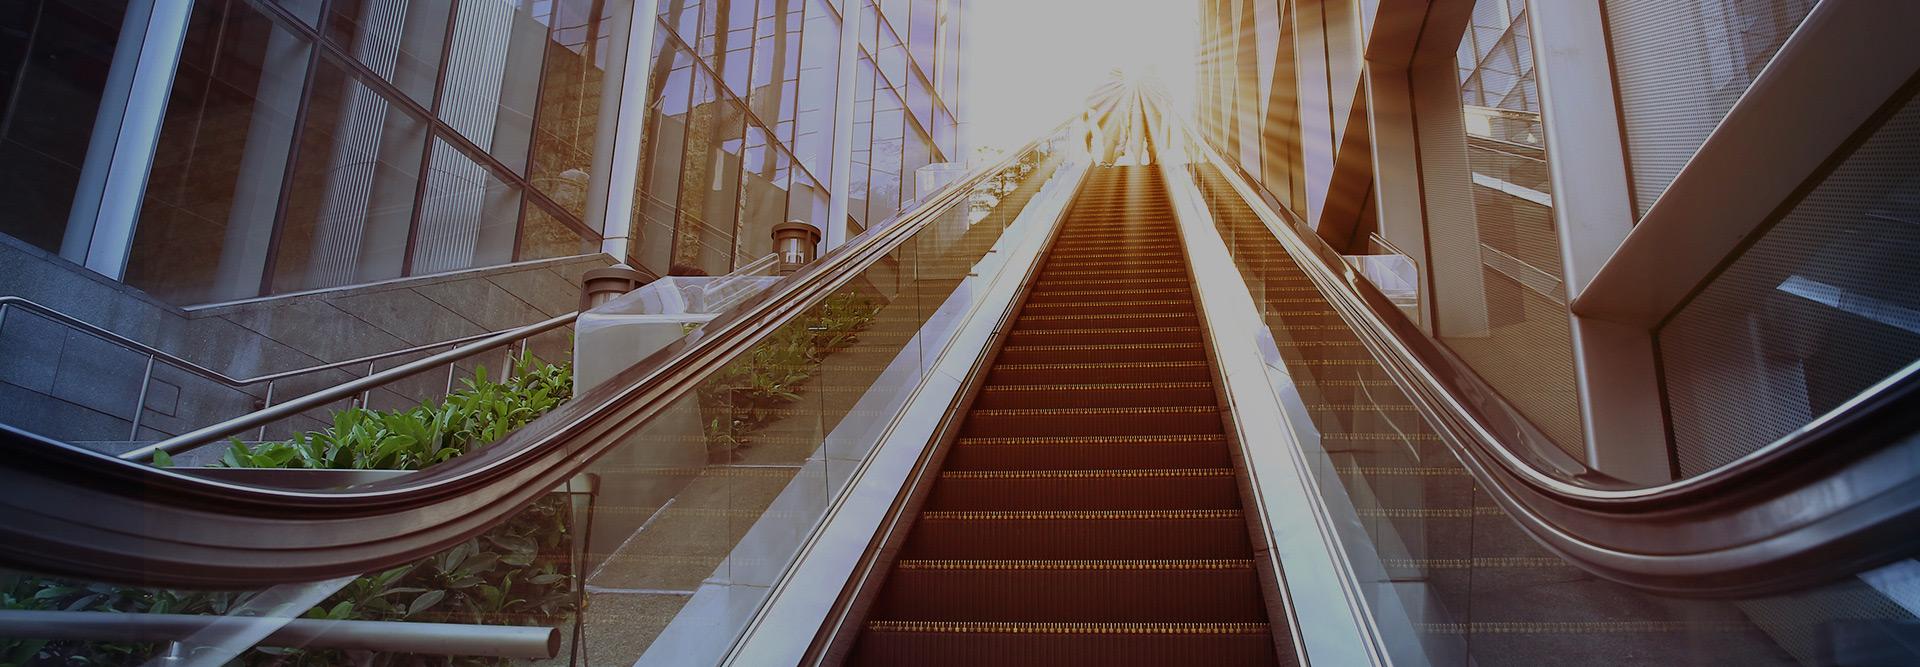 low-angle-shot-escalator-sun-flare-carouse-1920x667